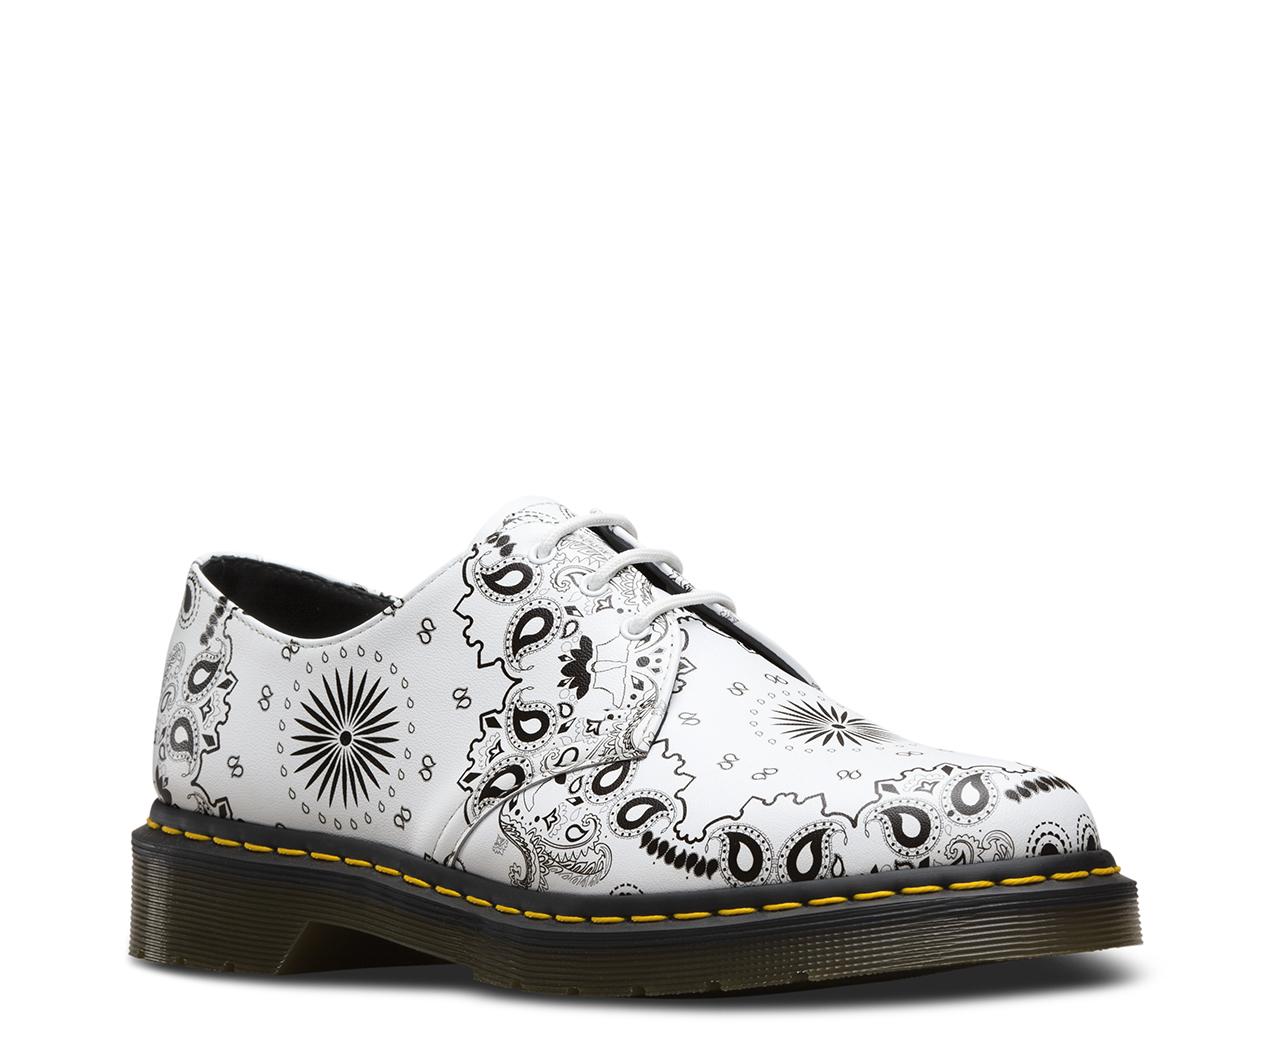 1461 bandana men 39 s shoes official dr martens store uk. Black Bedroom Furniture Sets. Home Design Ideas